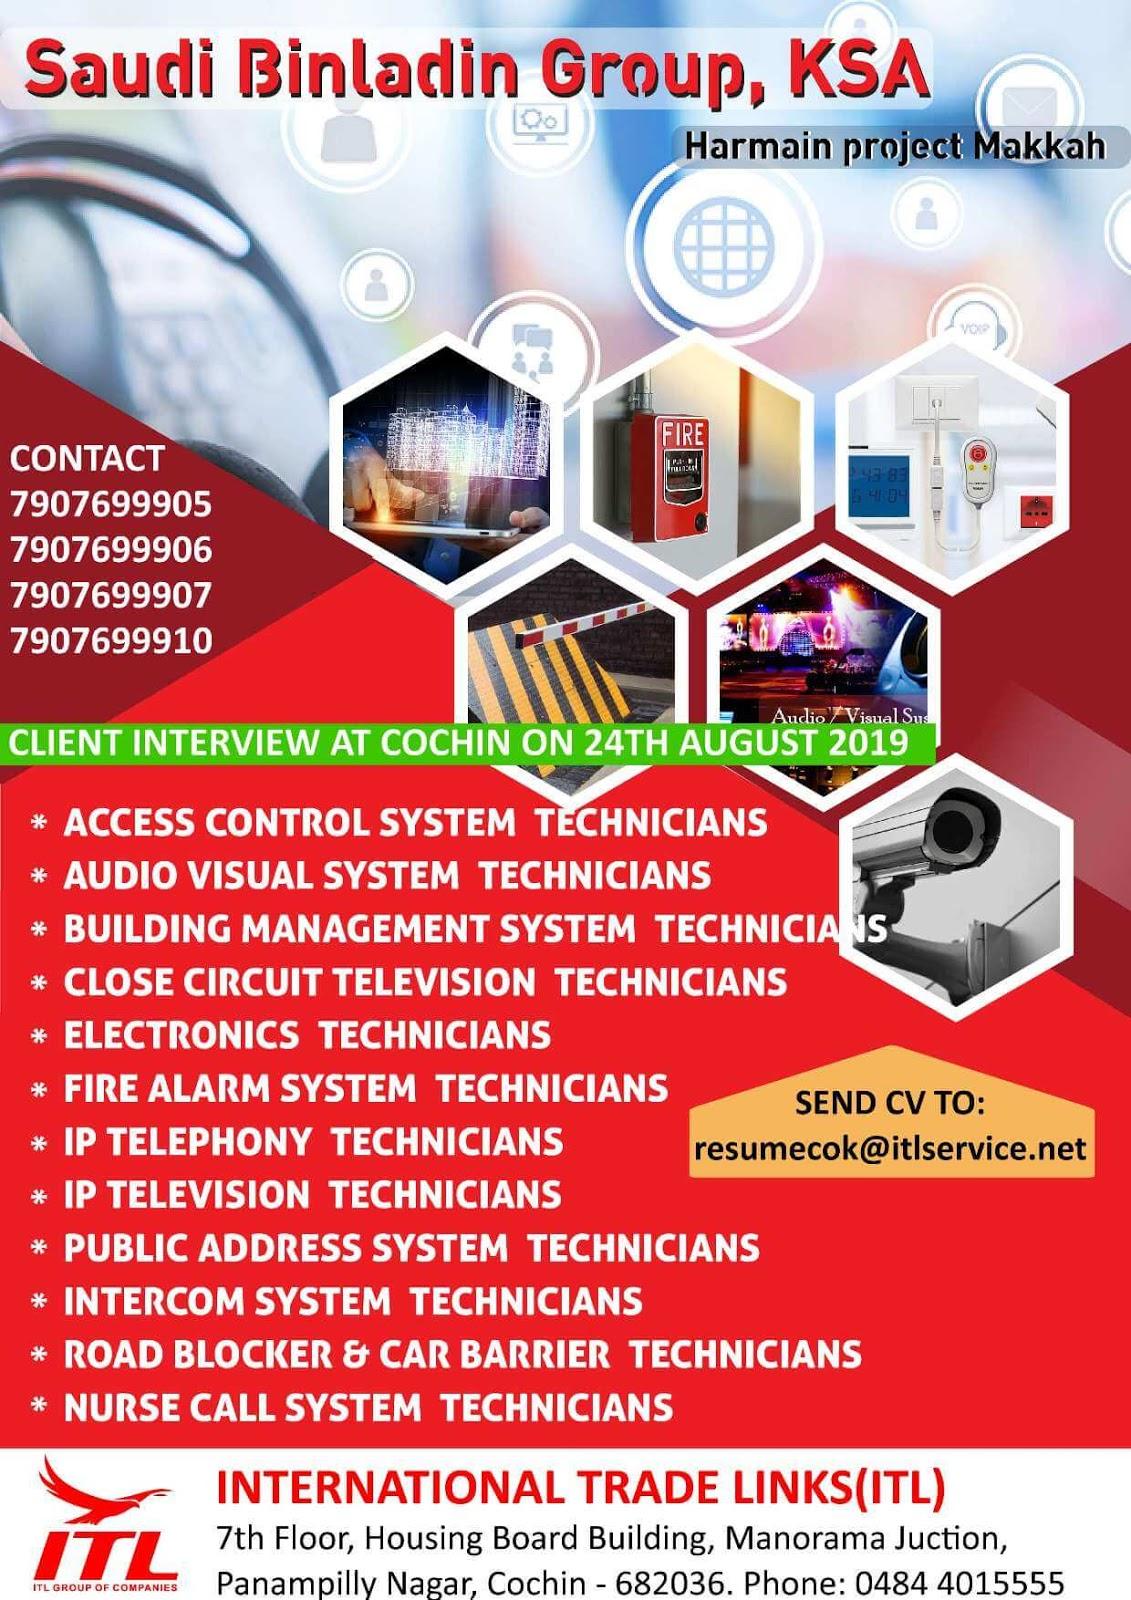 Harmain Project Makkah Binladin group